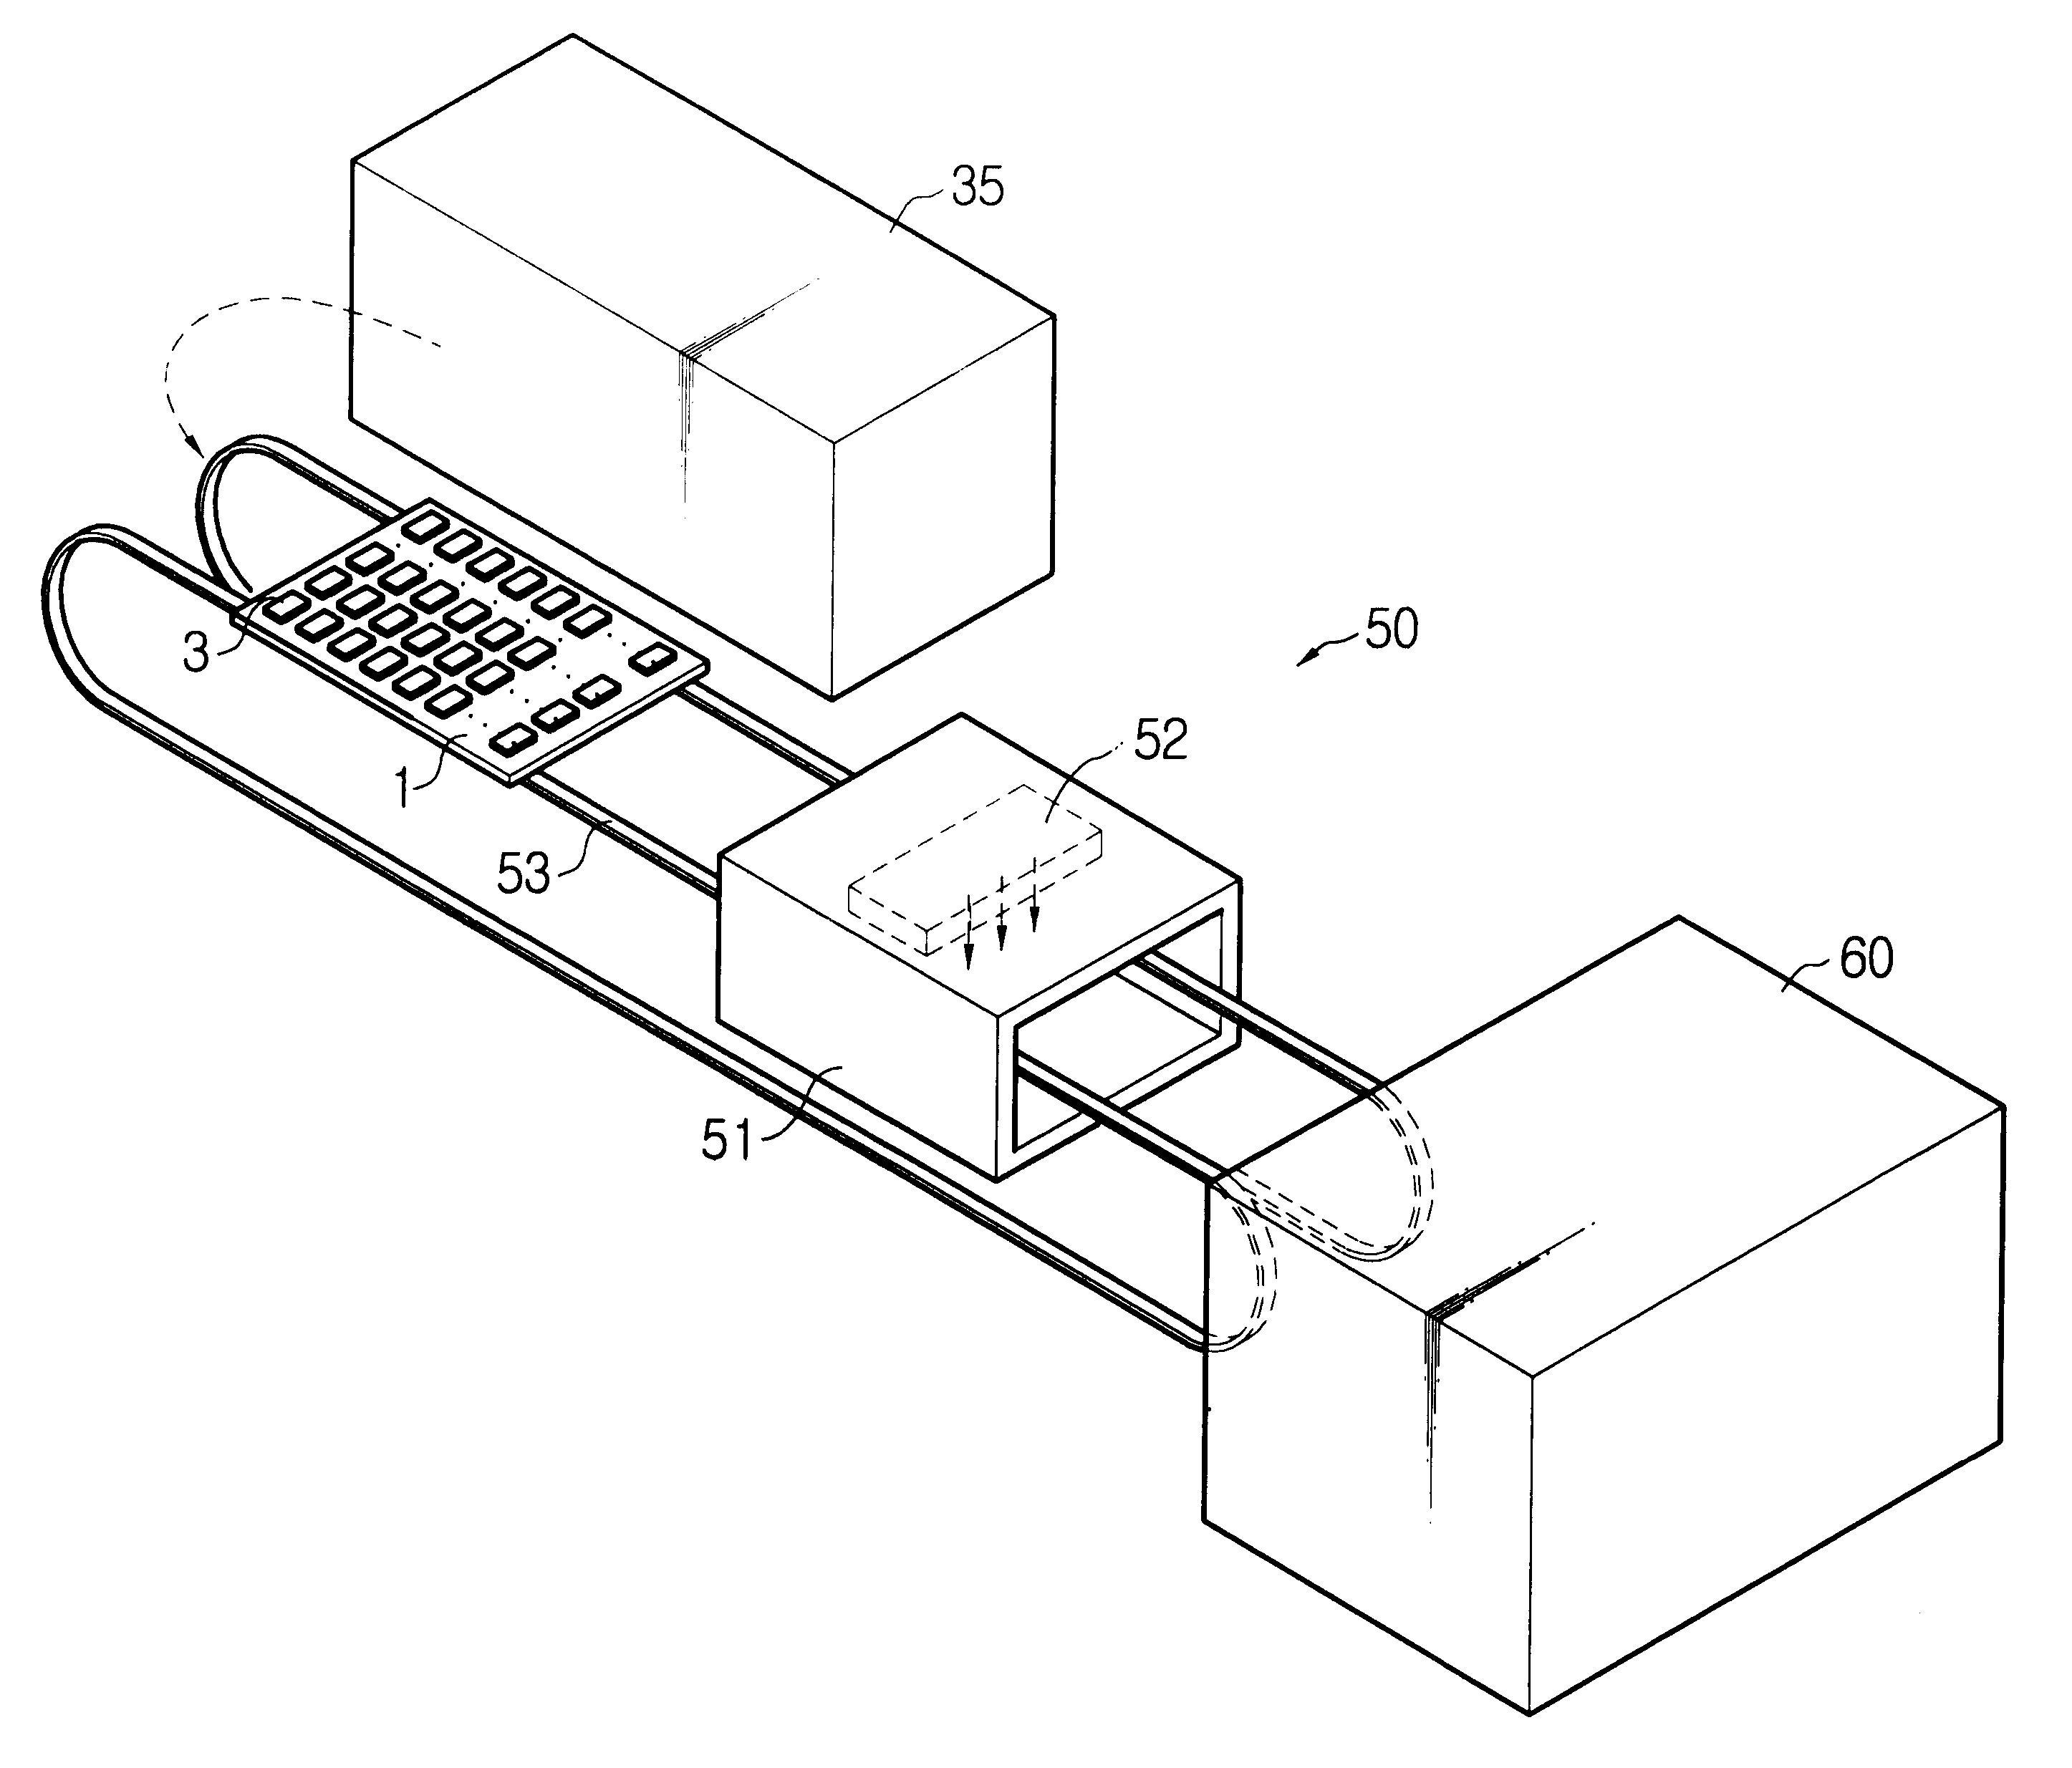 patent us6392286